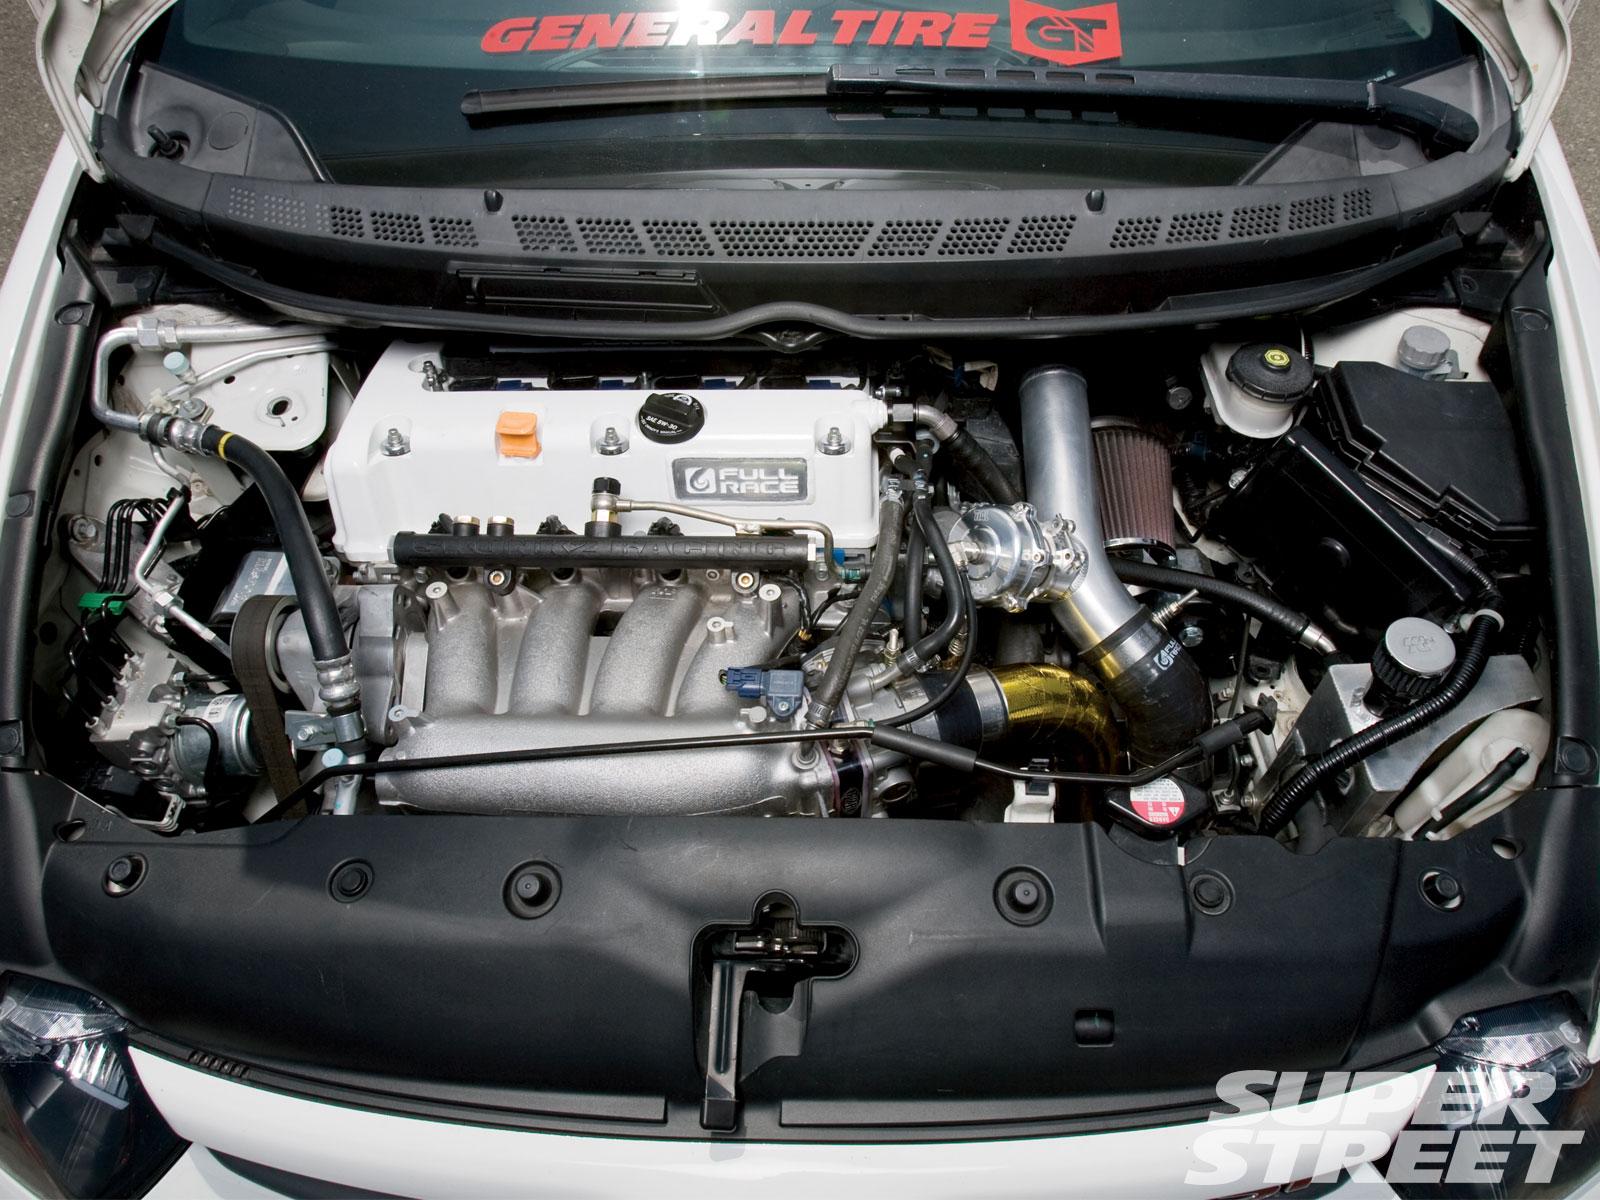 Sstp 1012 05 O 2007 Honda Civic Si Engine